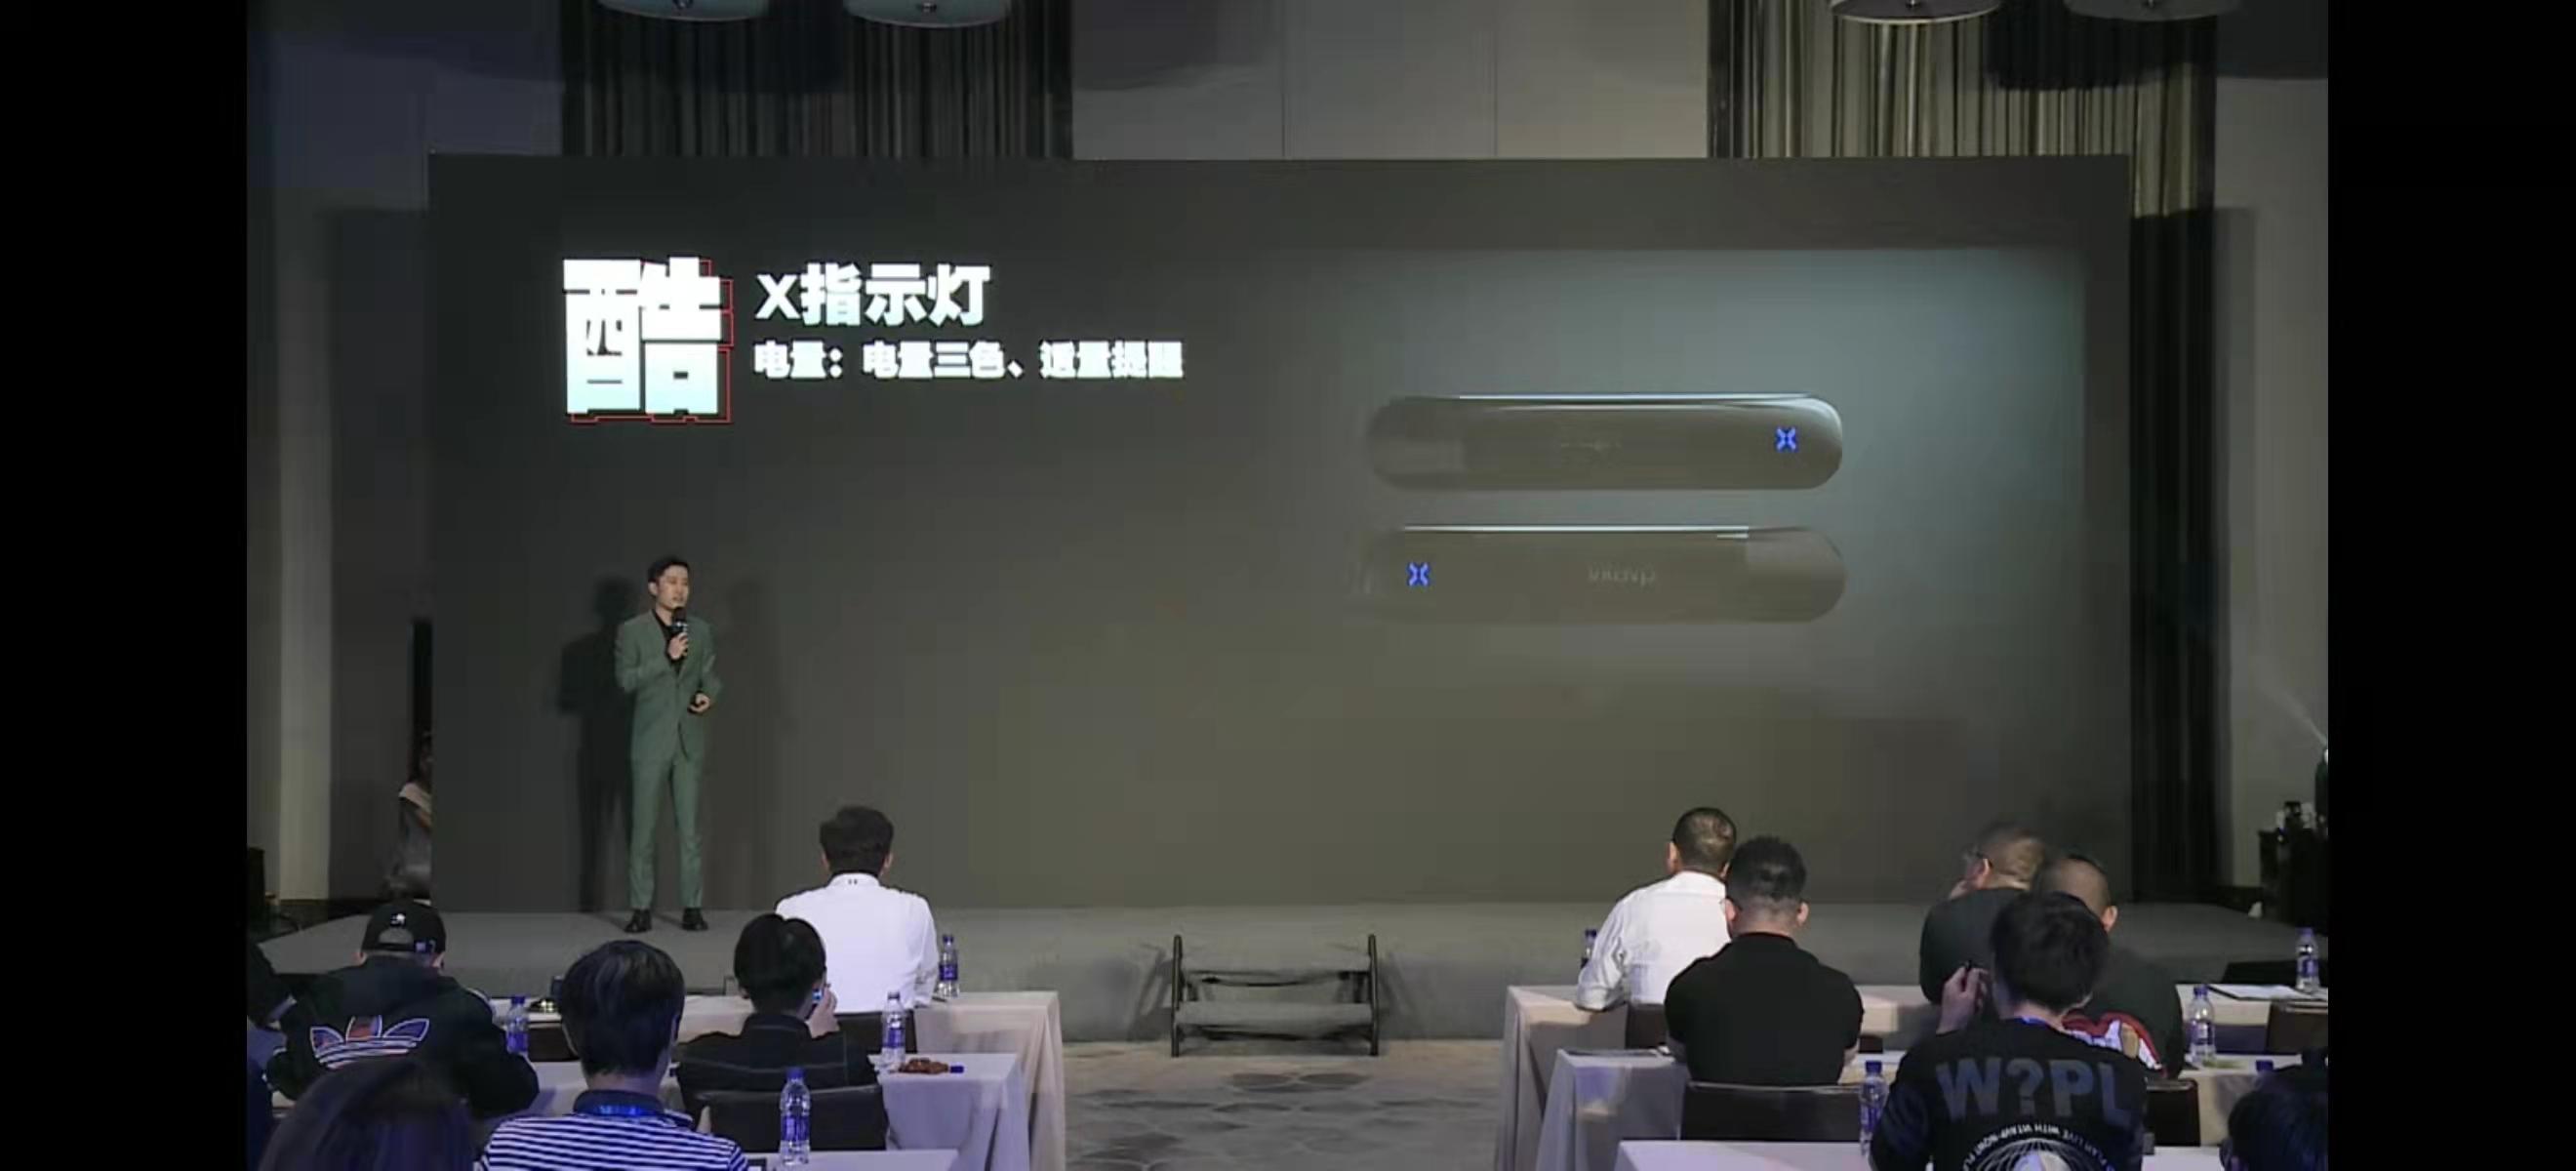 VITAVP唯它布局陶瓷芯产品,发布新品X系列